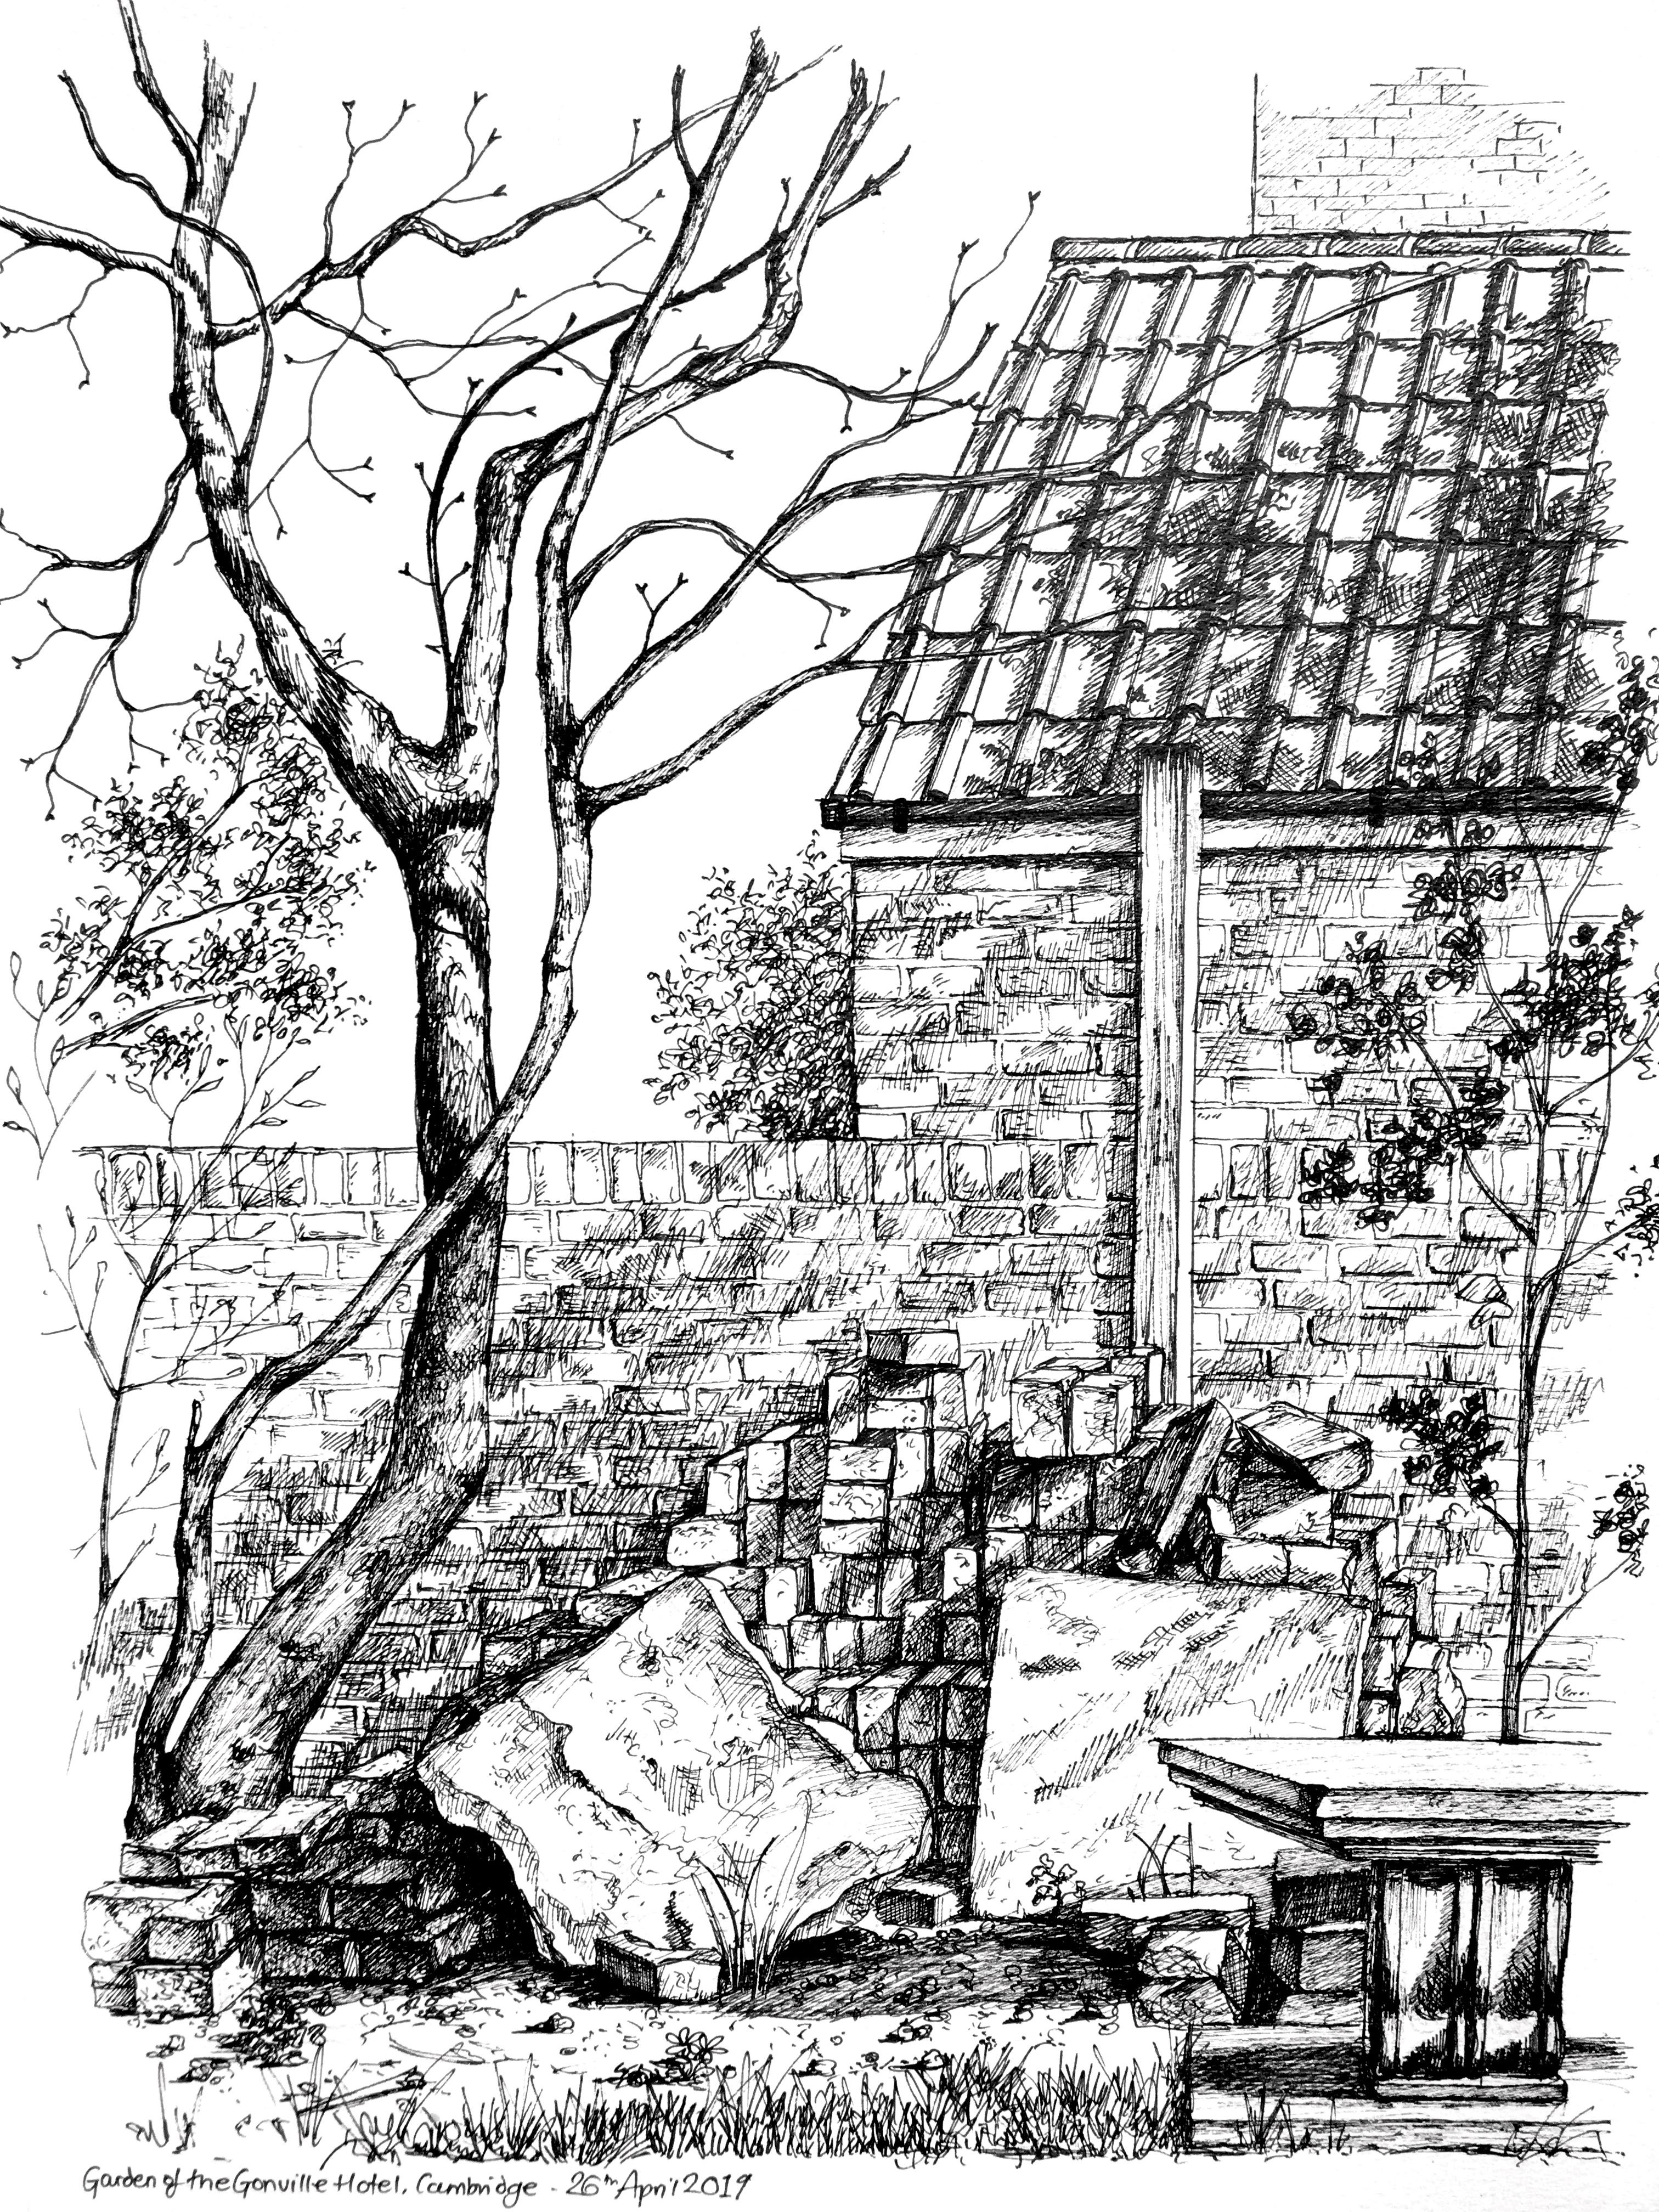 Gonville Garden sketch